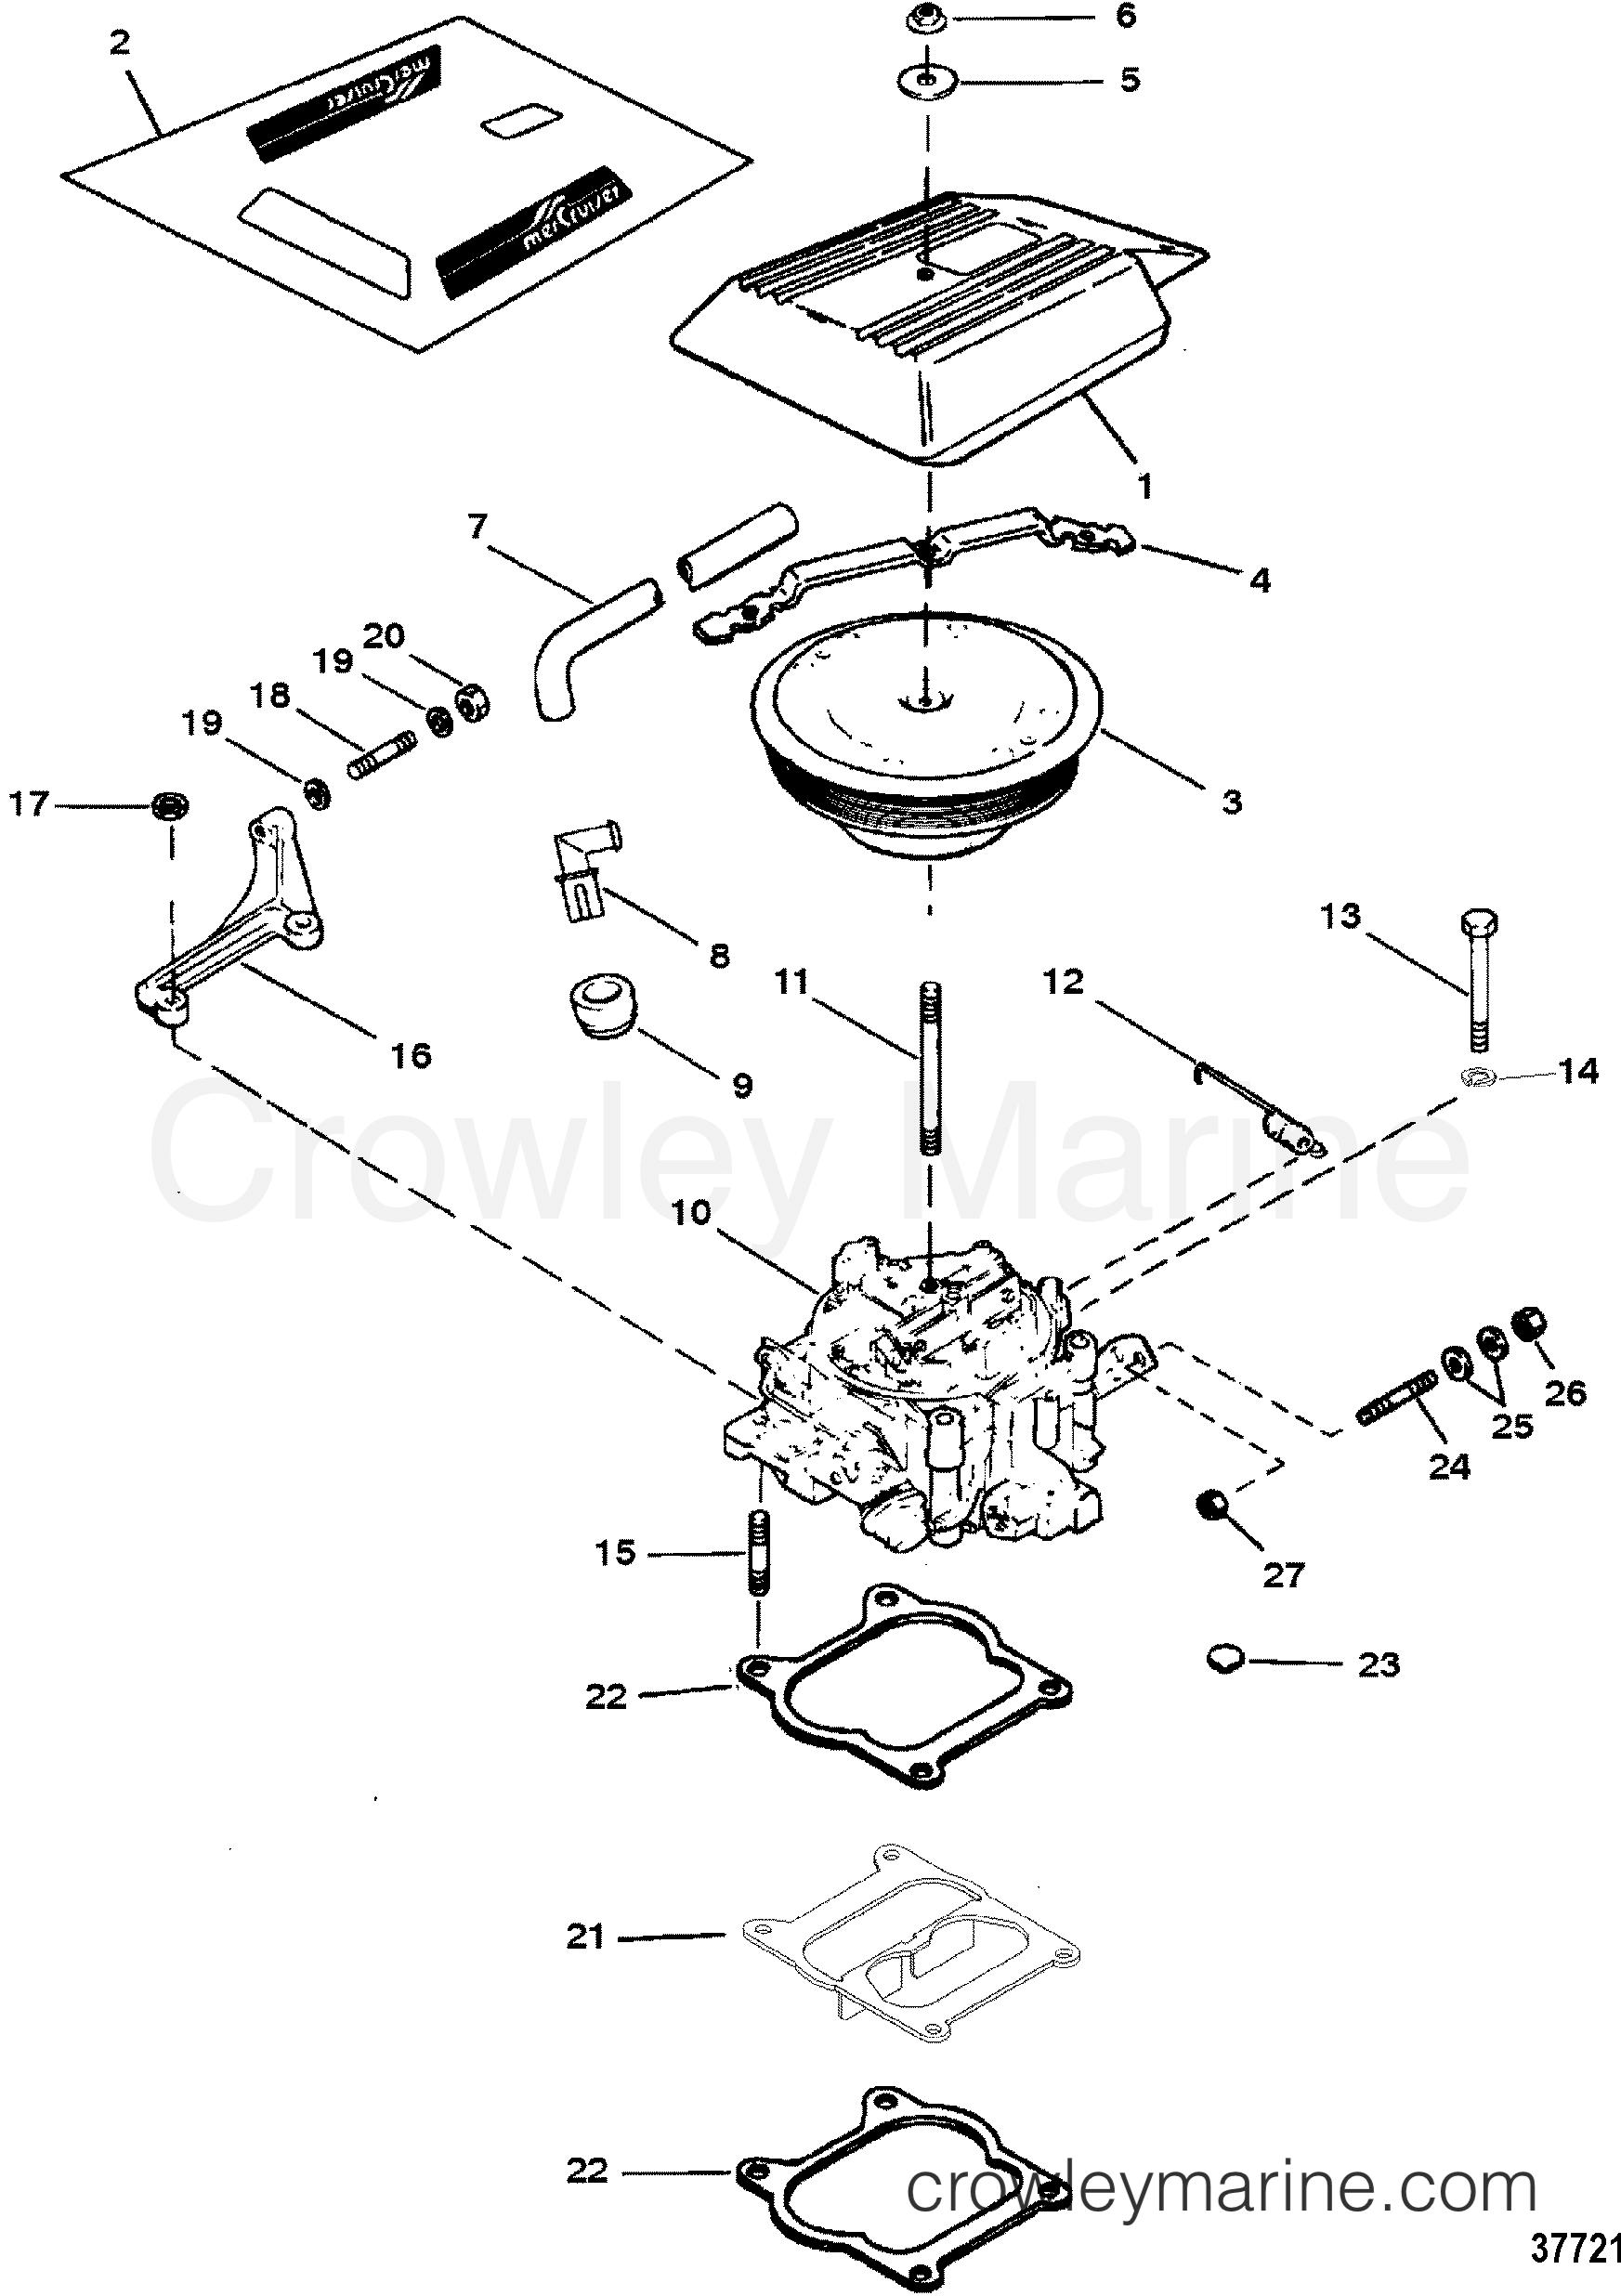 mercruiser wiring diagram mercruiser image mercruiser throttle diagram diagram get image about wiring on mercruiser 5 0 wiring diagram